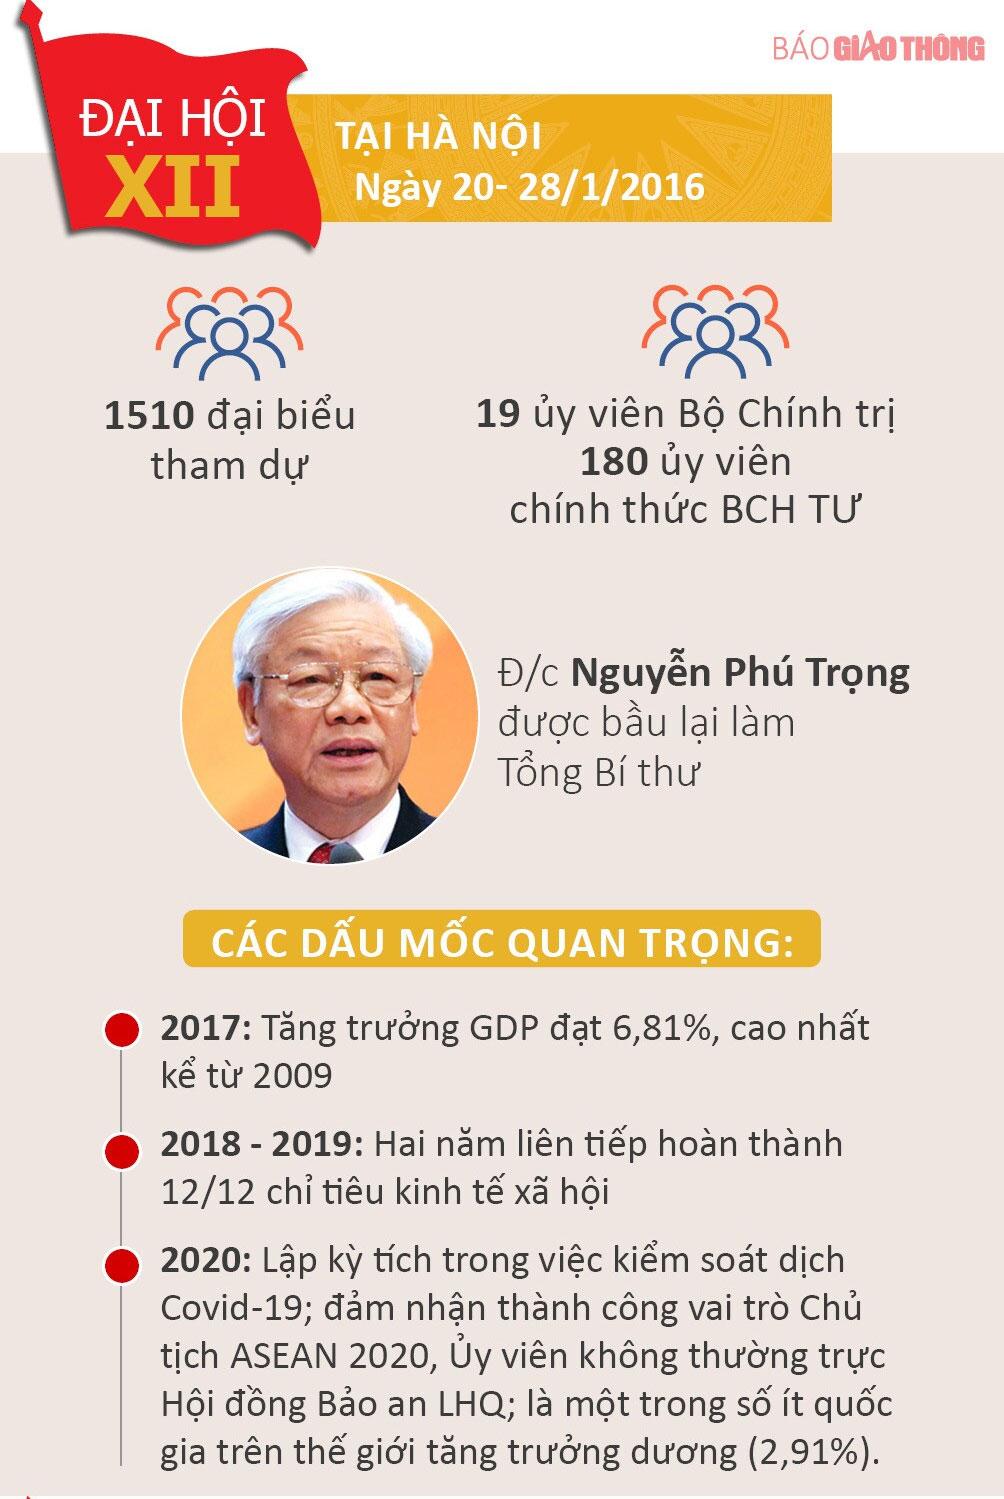 Nhìn lại 12 kỳ Đại hội của Đảng Cộng sản Việt Nam - 12